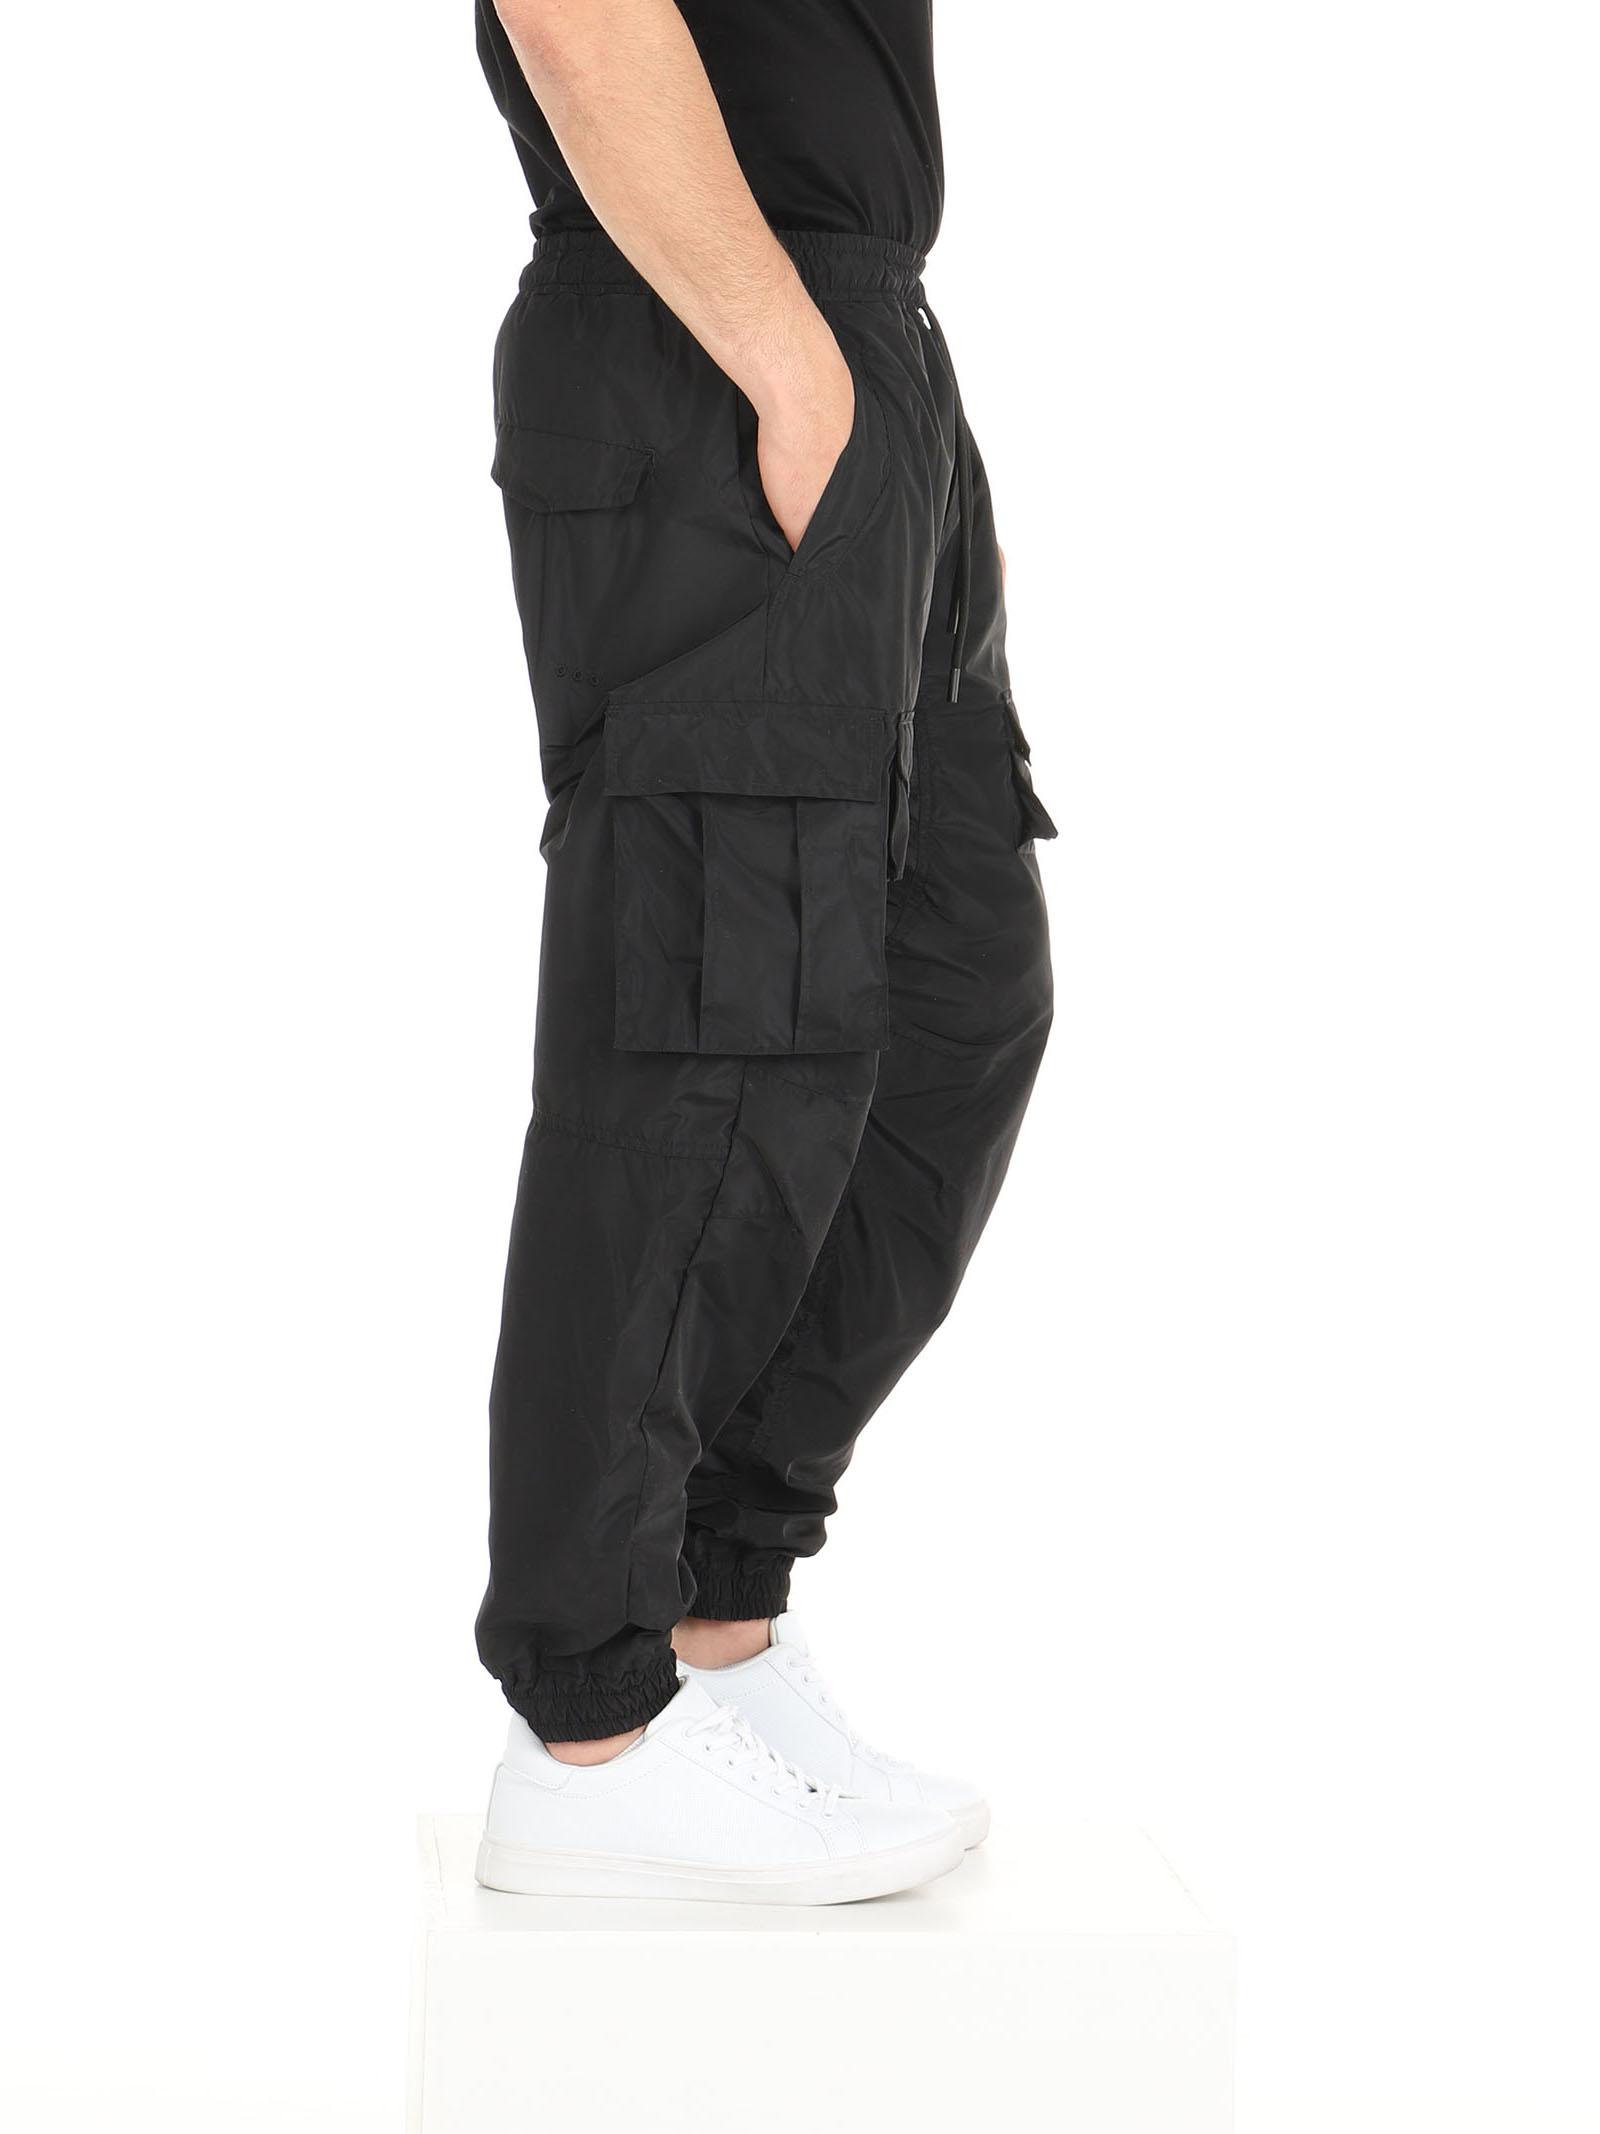 Pantalone tecnico coulisse e tasconi  De Lamp | Pantaloni | DL21 07078NERO